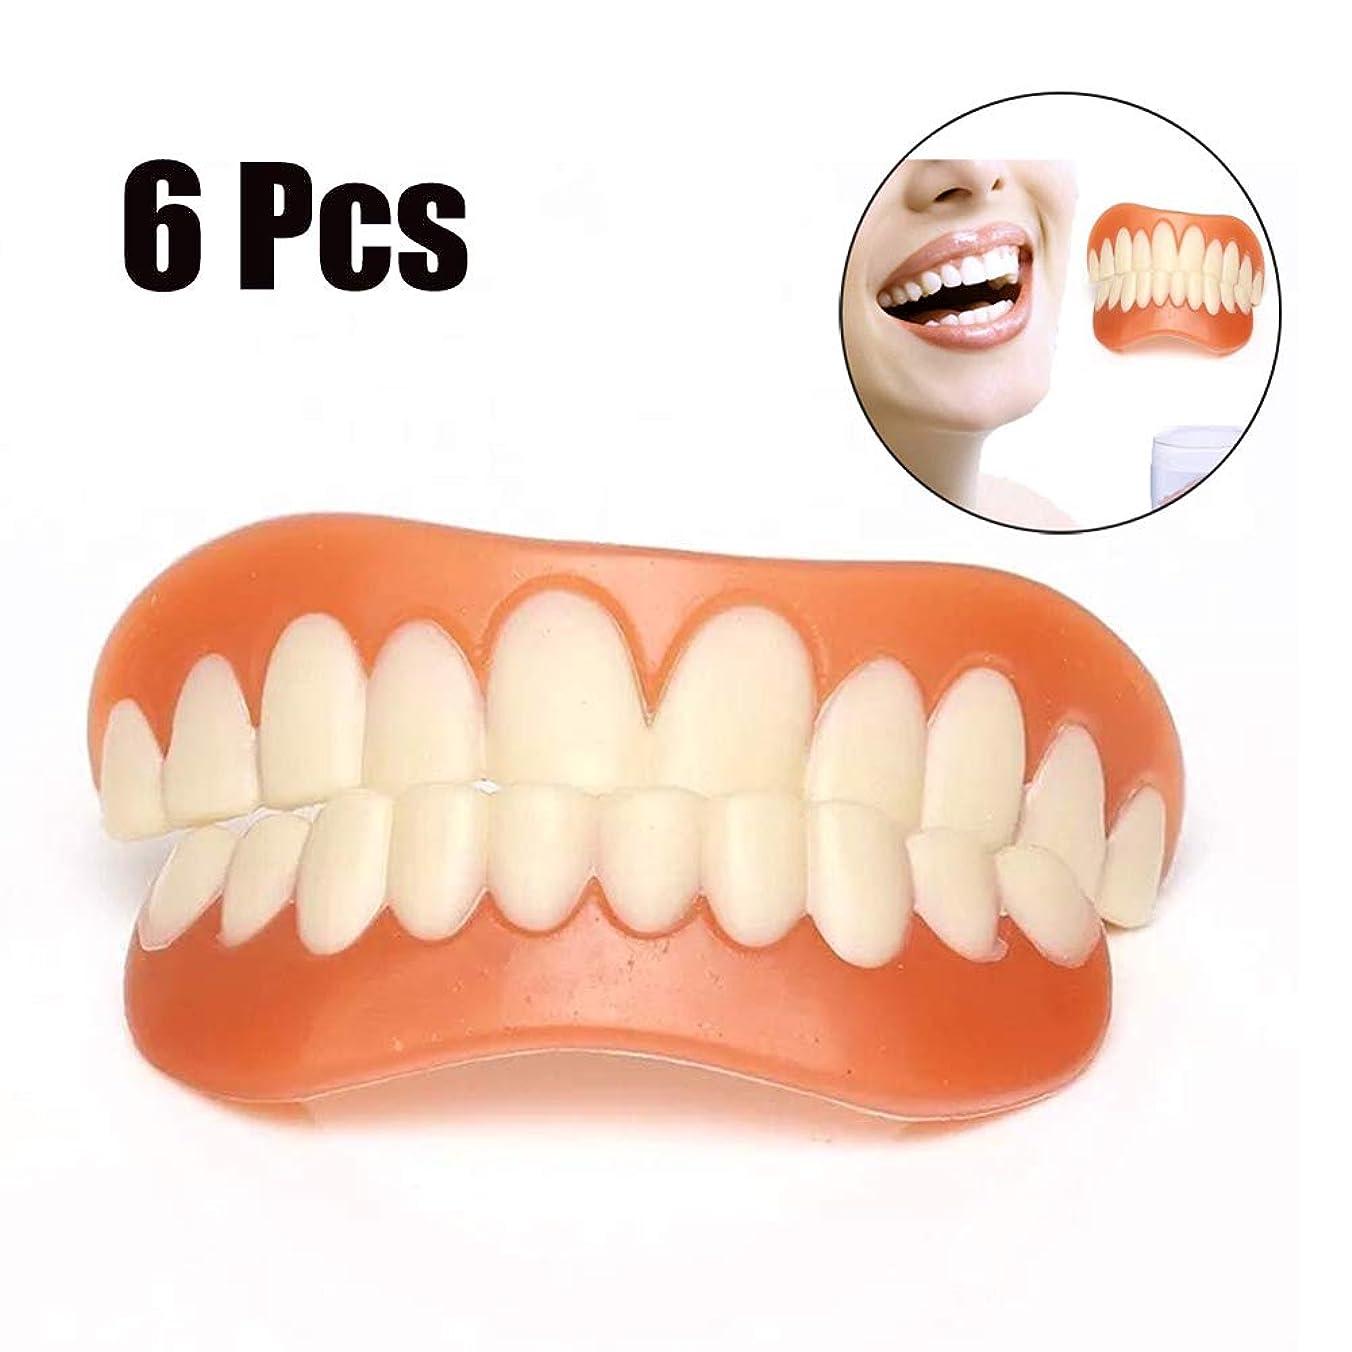 近似分悪用6本のパーフェクトスマイルベニヤ歯インスタントスマイルコンフォートフレックス義歯数分以内に自宅であなたの笑顔を修正